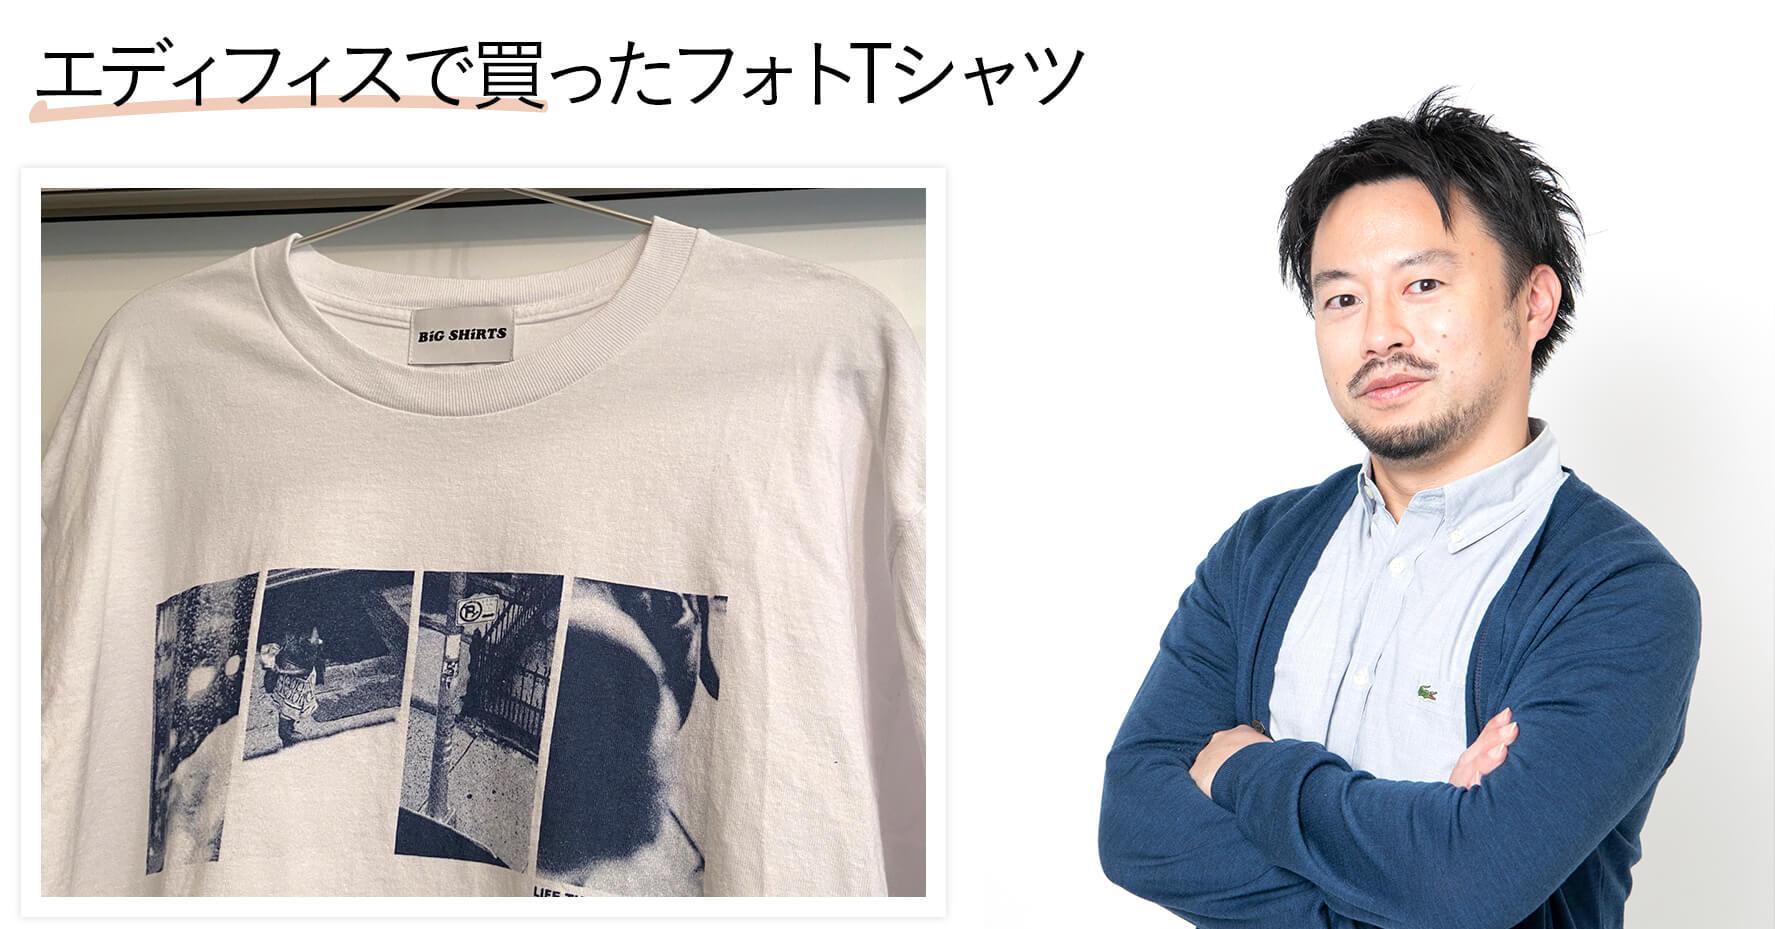 Aミツがエディフィスで買ったフォトTシャツ